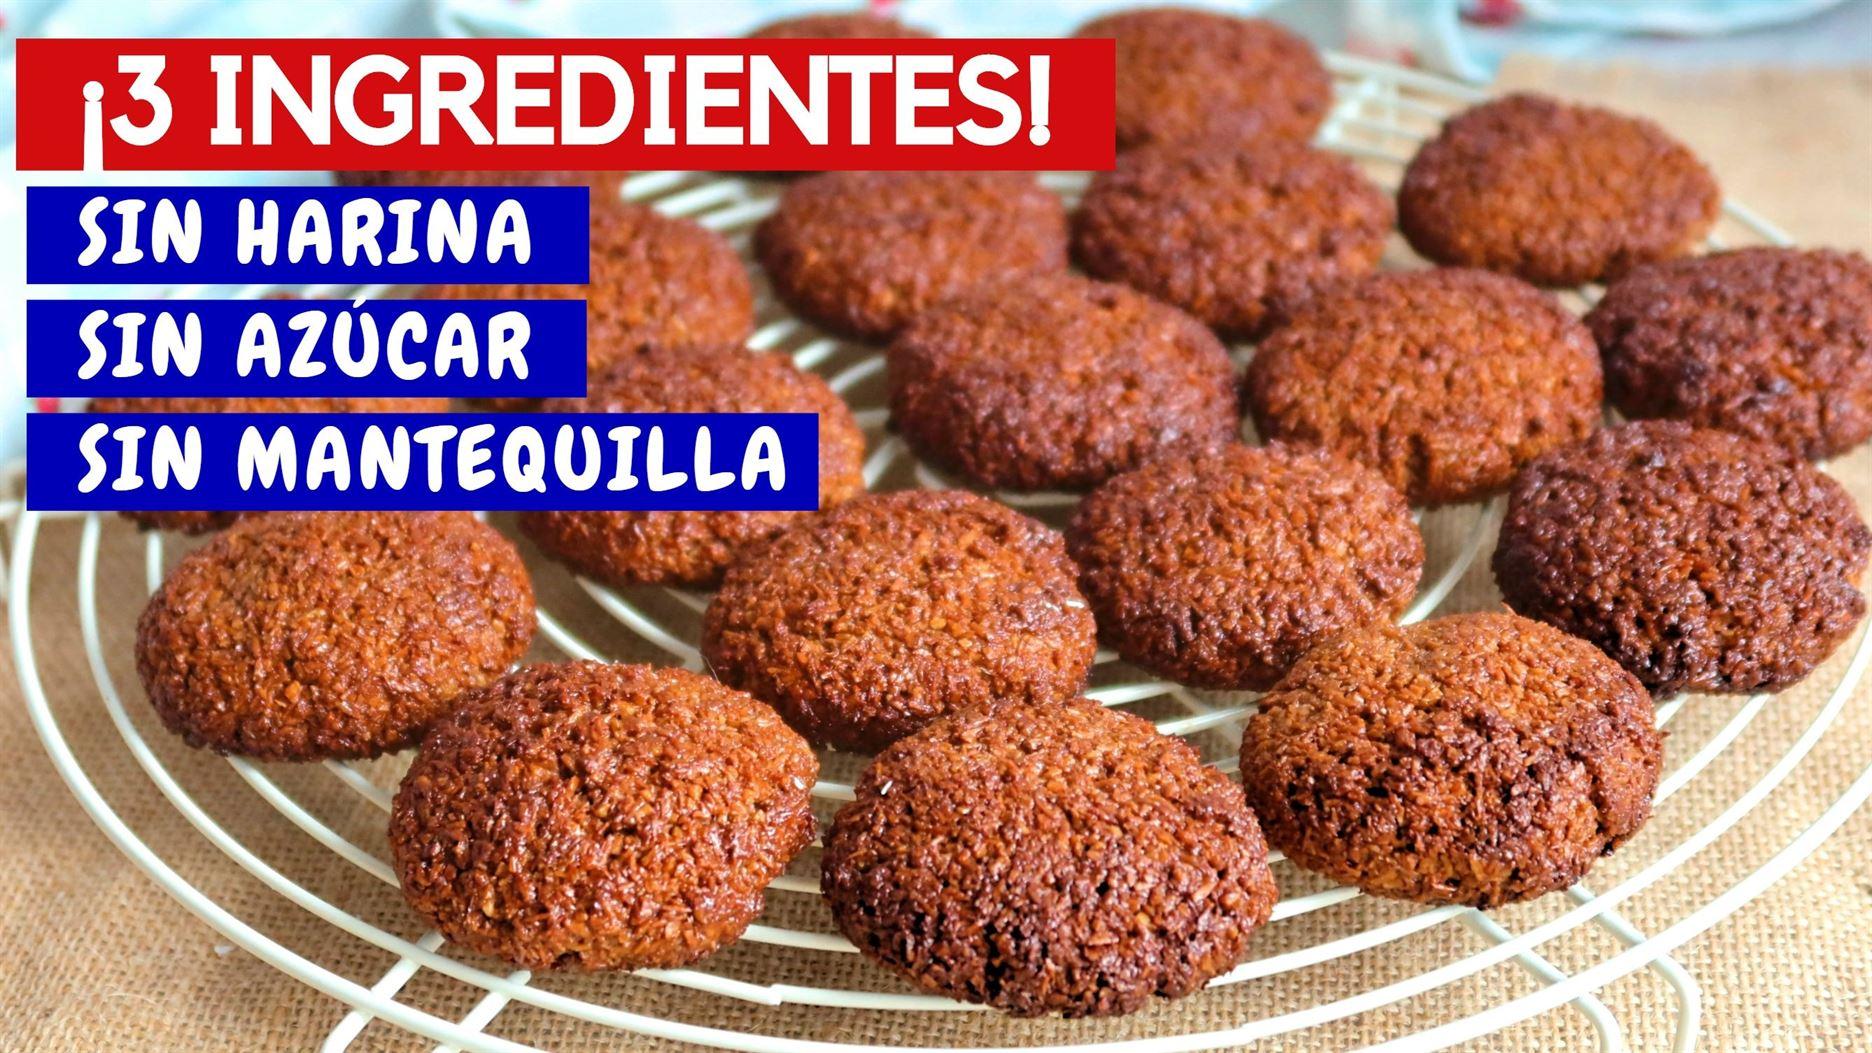 Galletas de chocolate blanditas con 3 ingredientes. SIN HARINA, SIN AZÚCAR, SIN MANTEQUILLA.